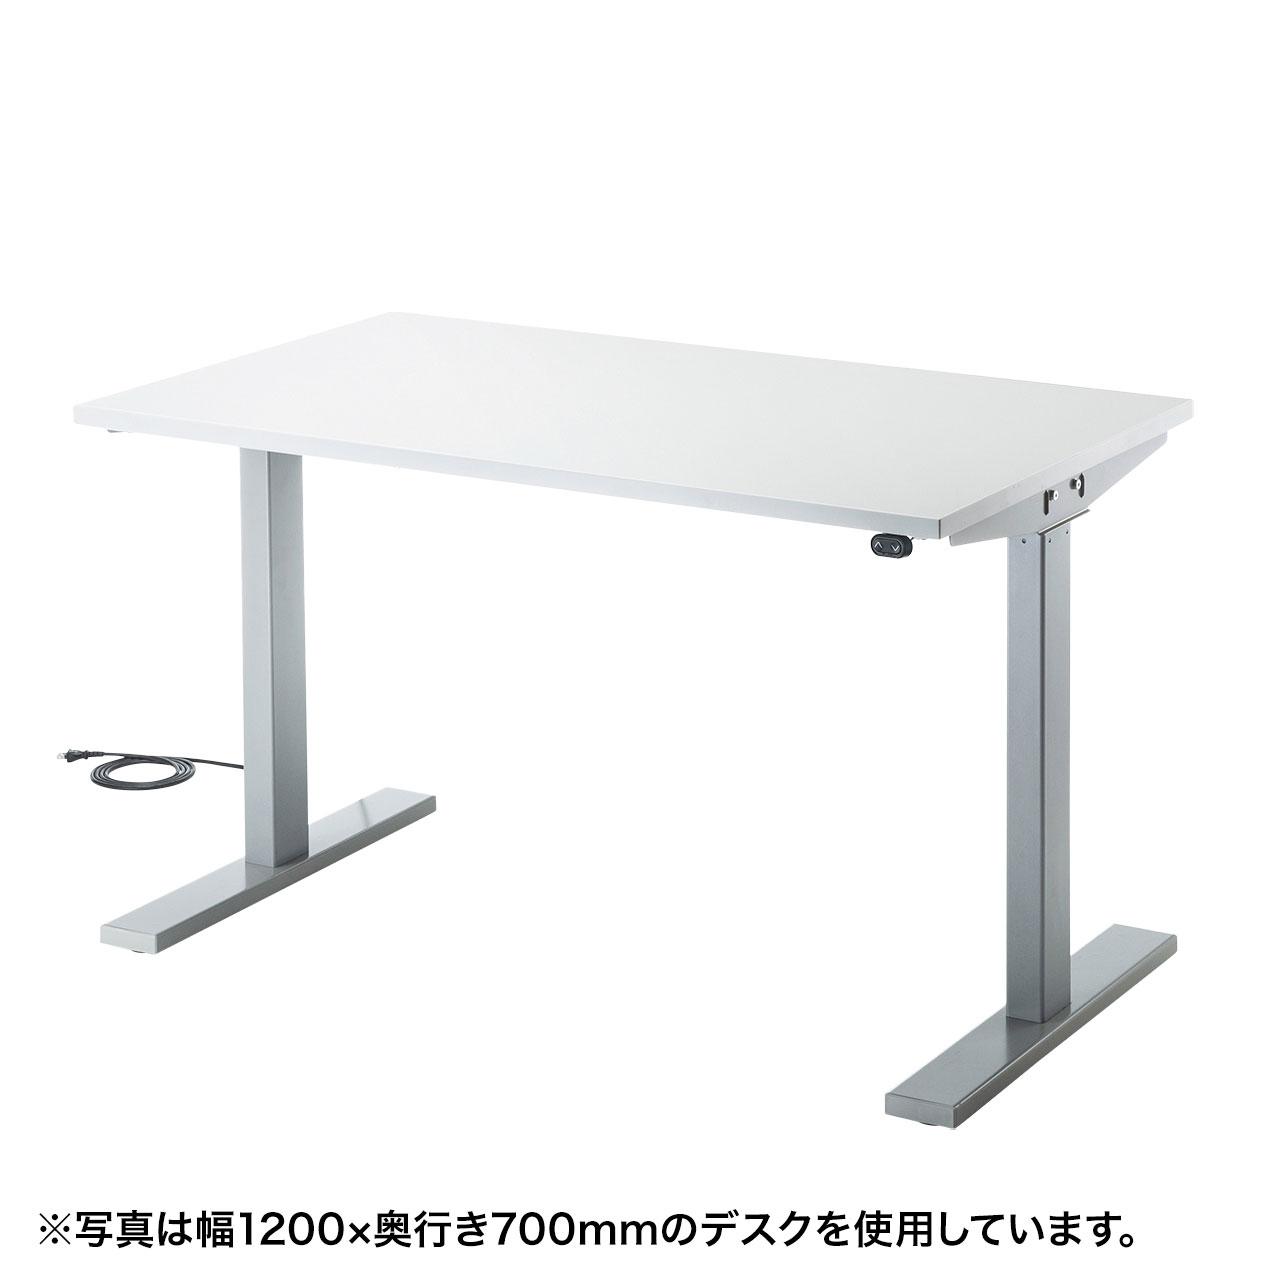 電動上下昇降作業台(W600×D700mm)商品画像